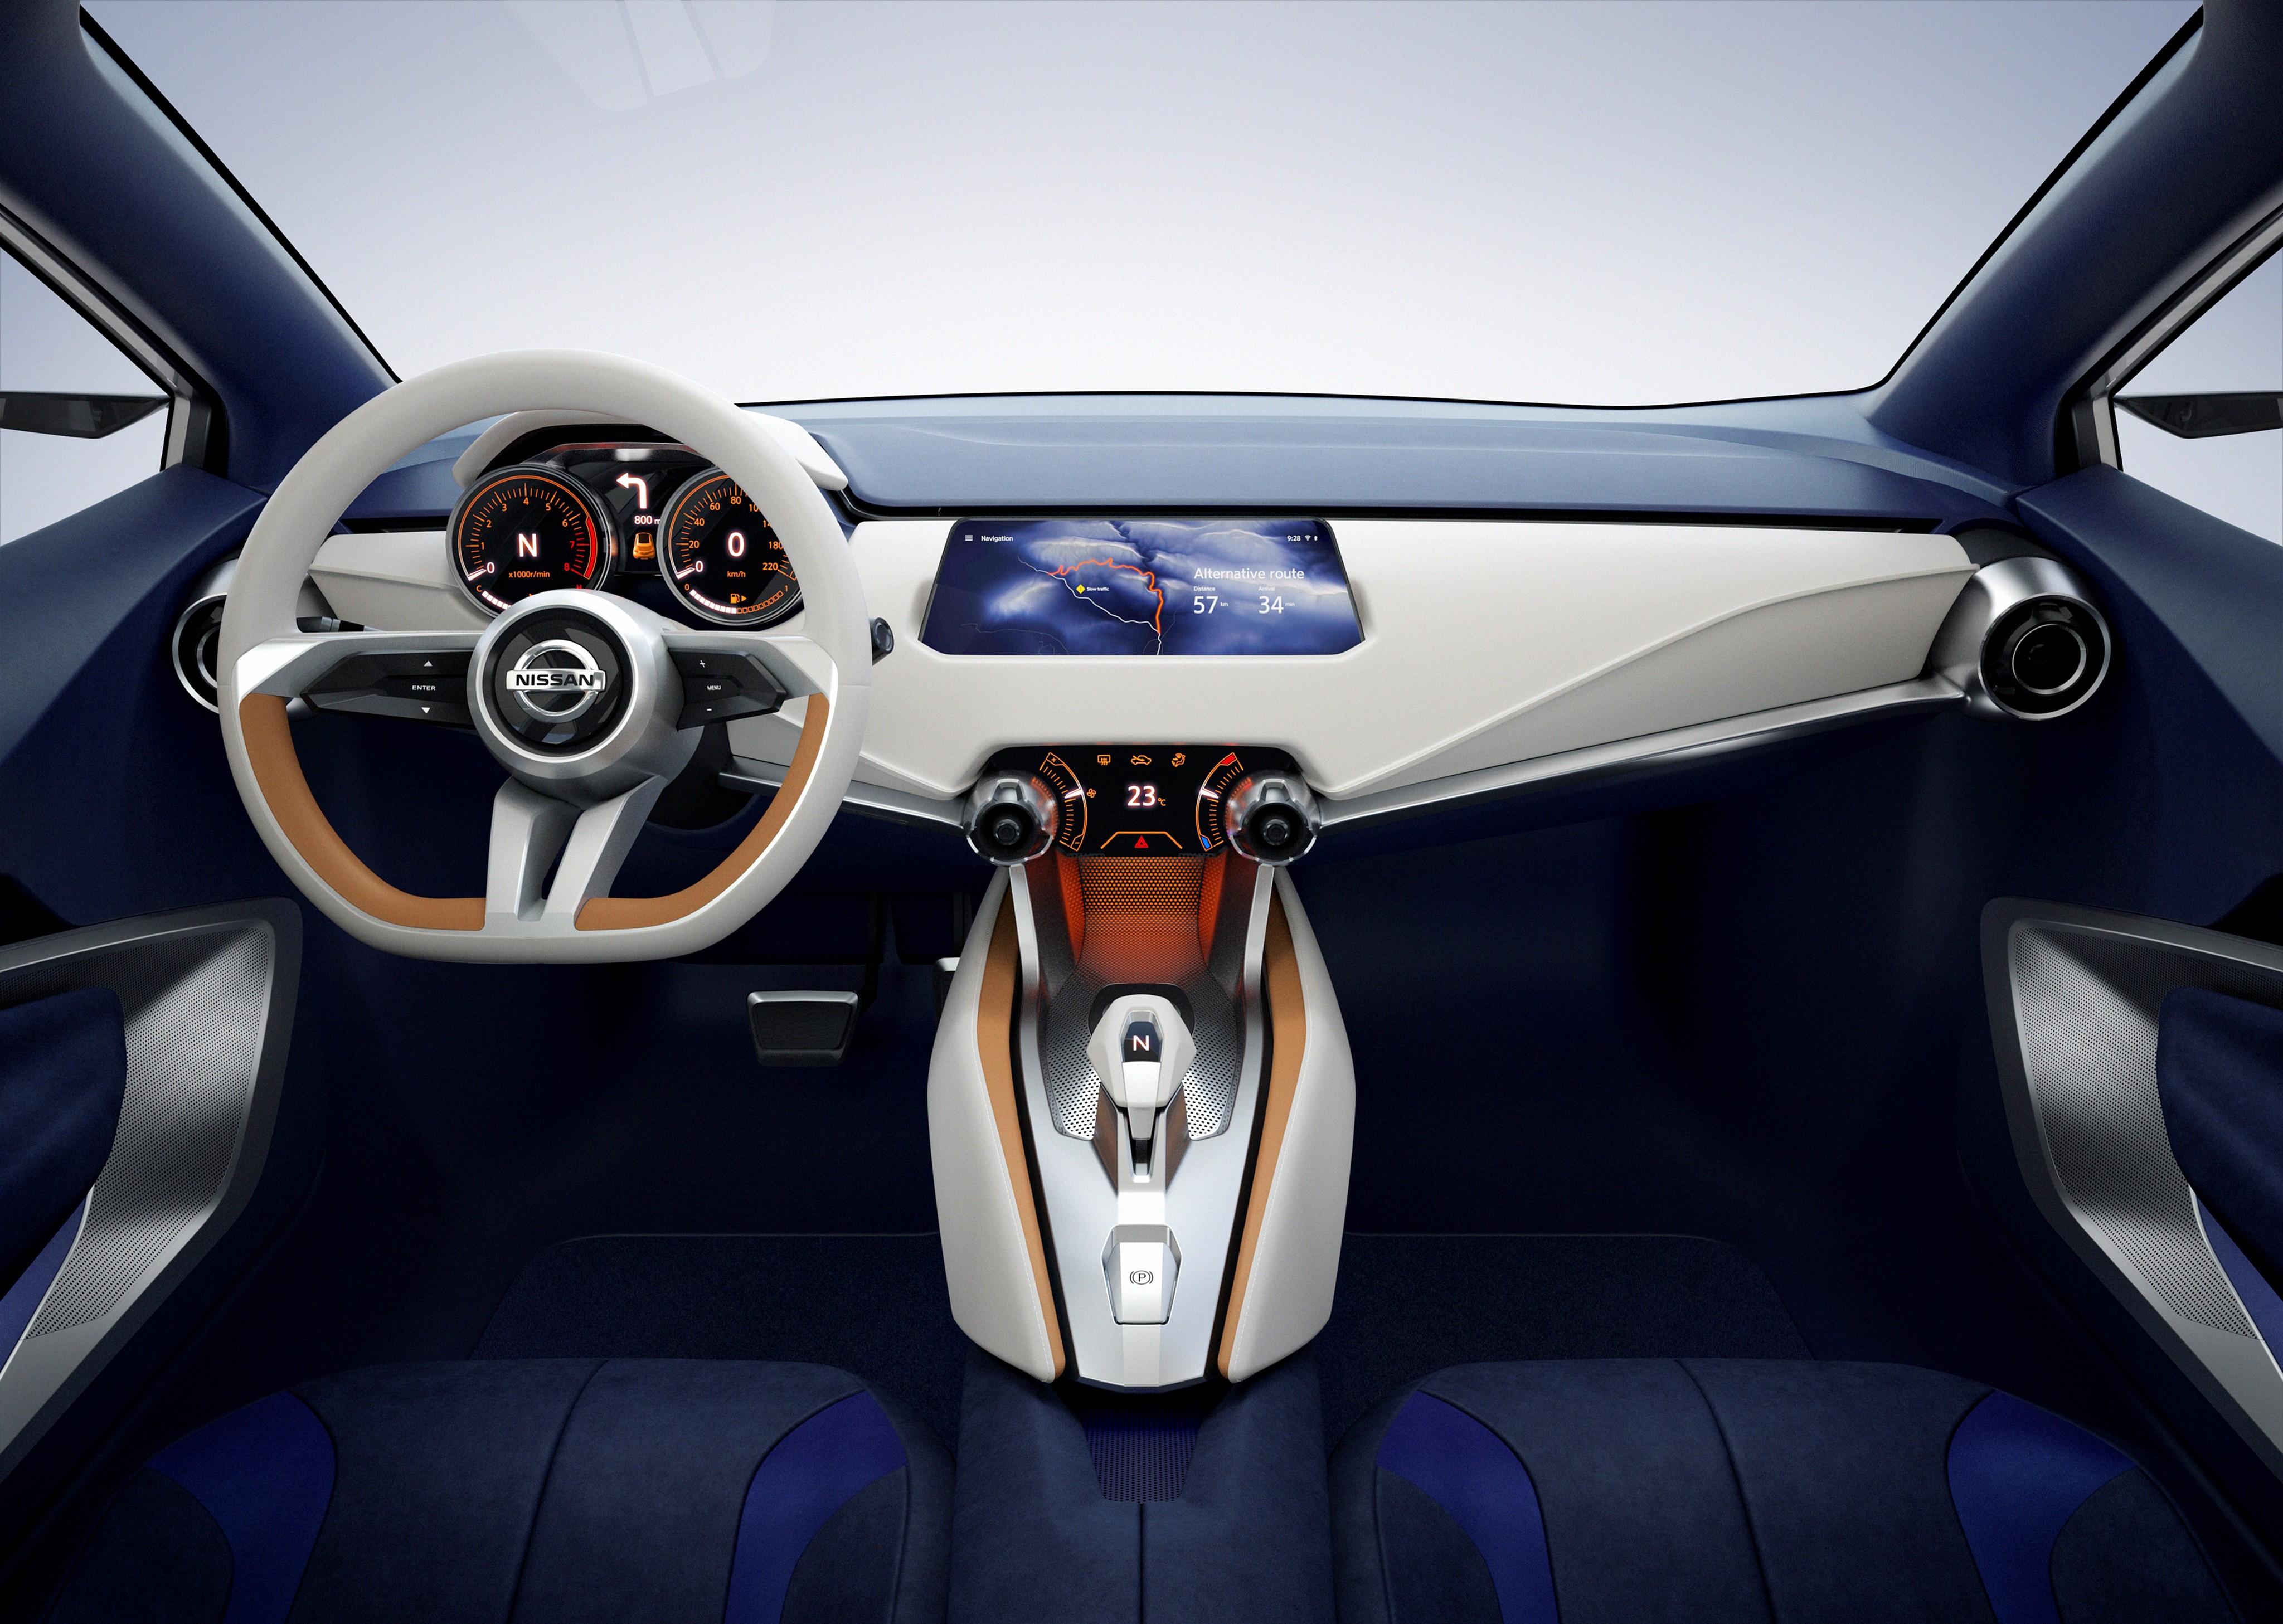 cars interior nissan concept. Black Bedroom Furniture Sets. Home Design Ideas